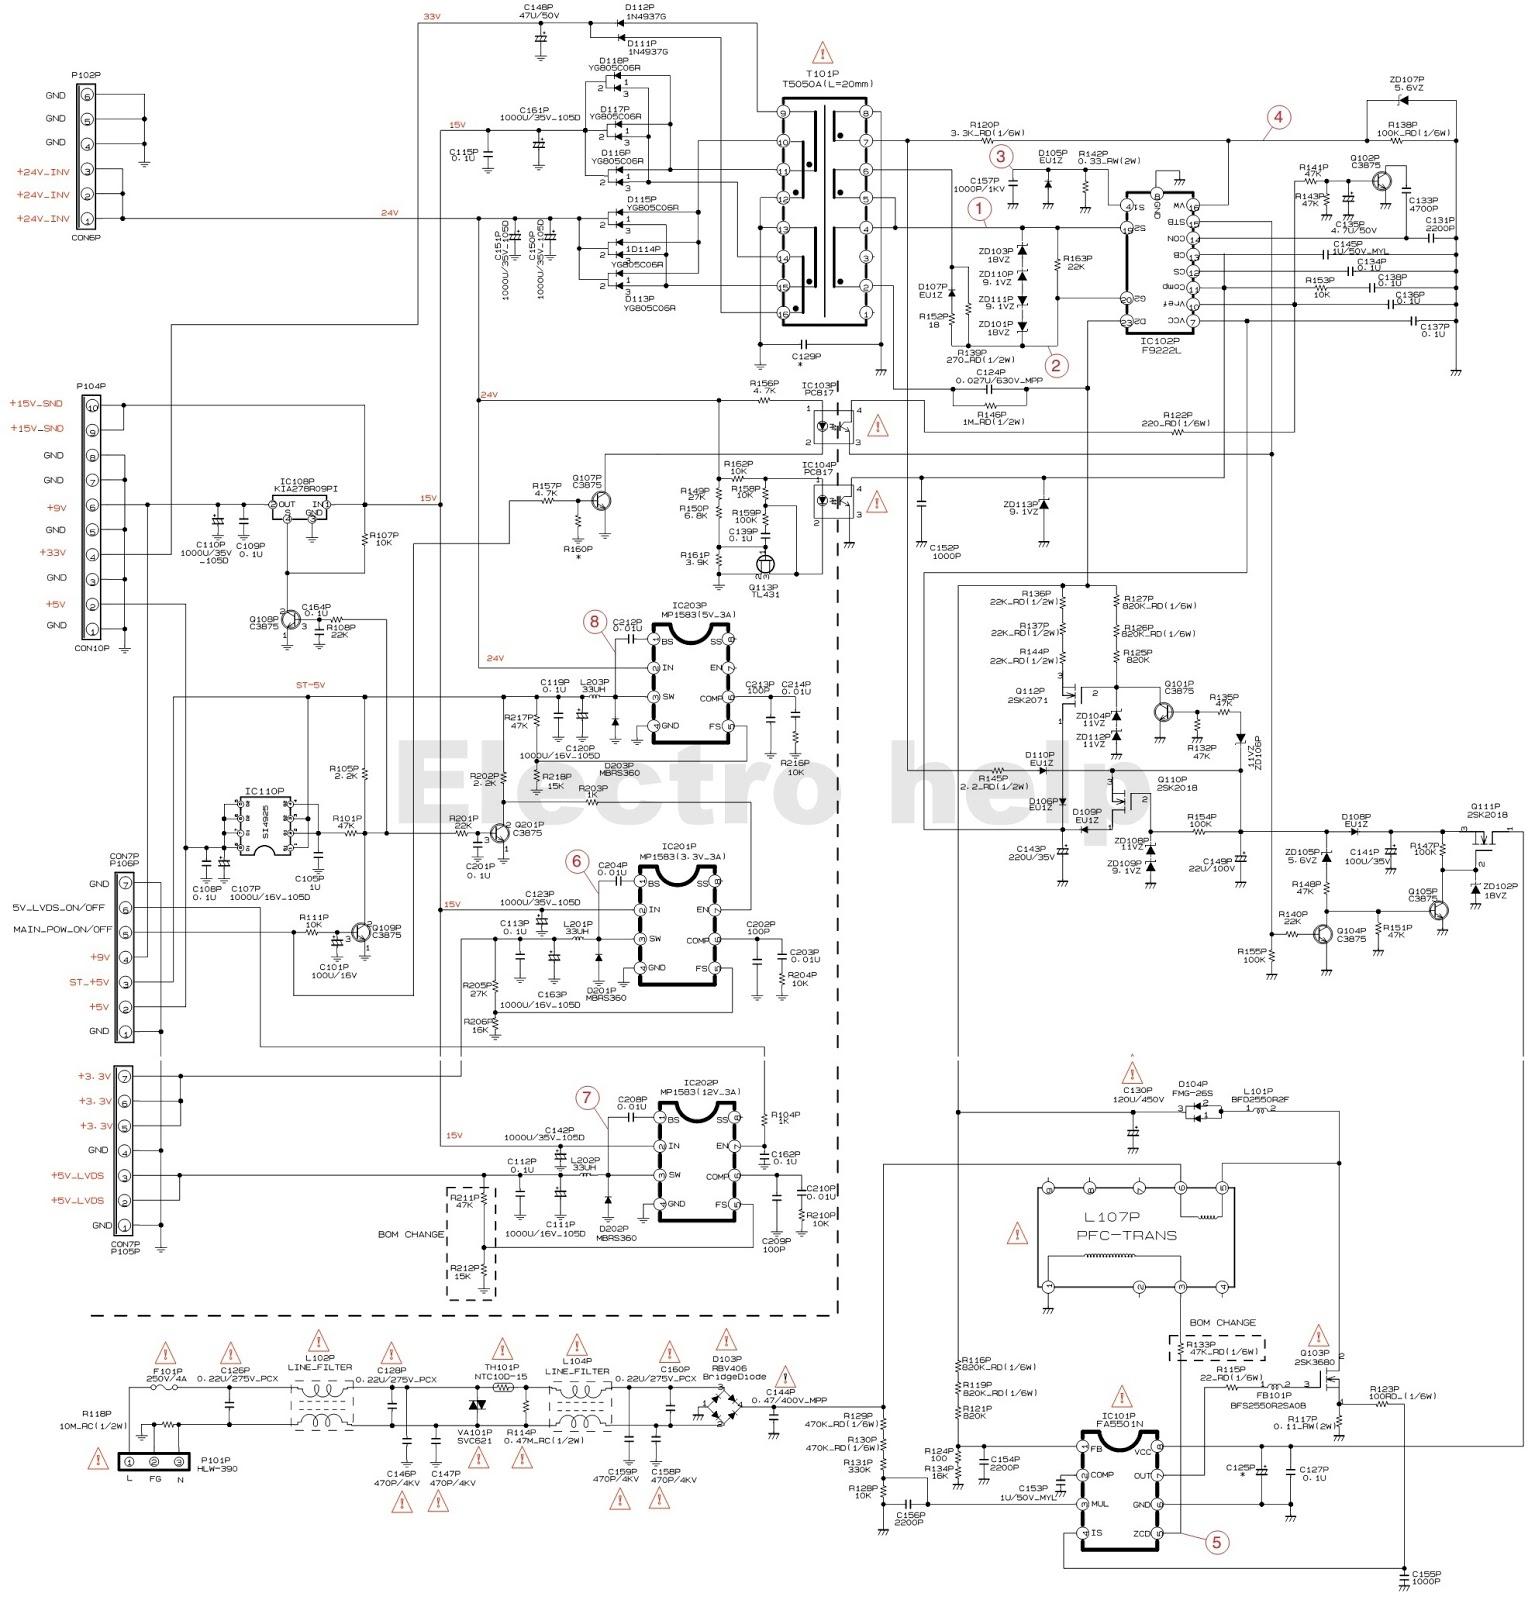 john deere 245 wiring diagram wiring schematic diagram 94john deere 245 wiring diagram wiring library john [ 1535 x 1600 Pixel ]